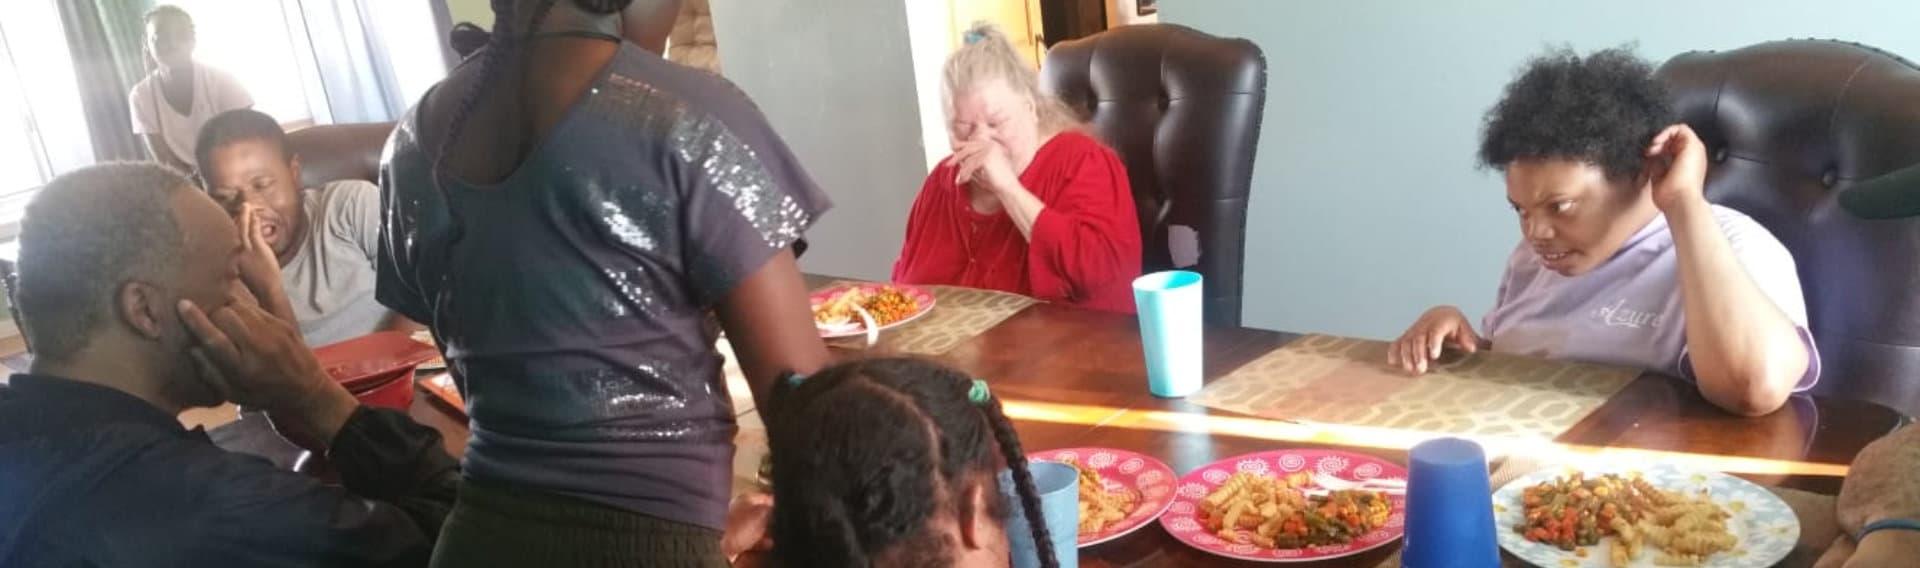 elderlies eating